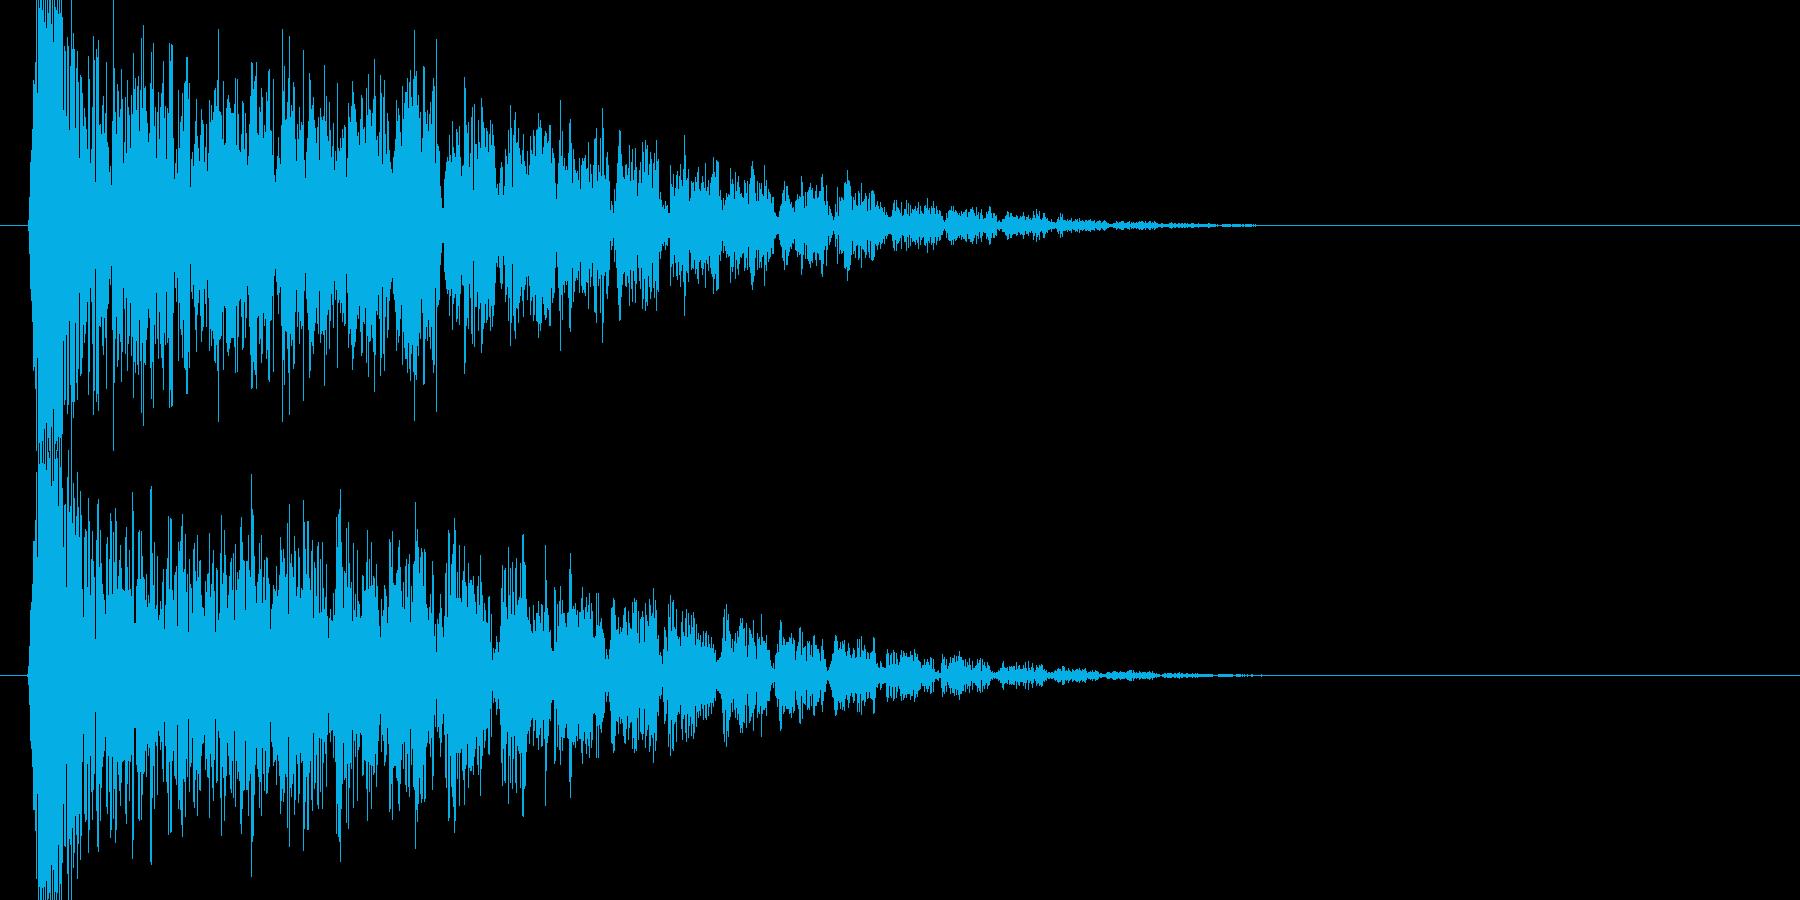 ブゥワブゥワブゥワ(衝撃波)の再生済みの波形